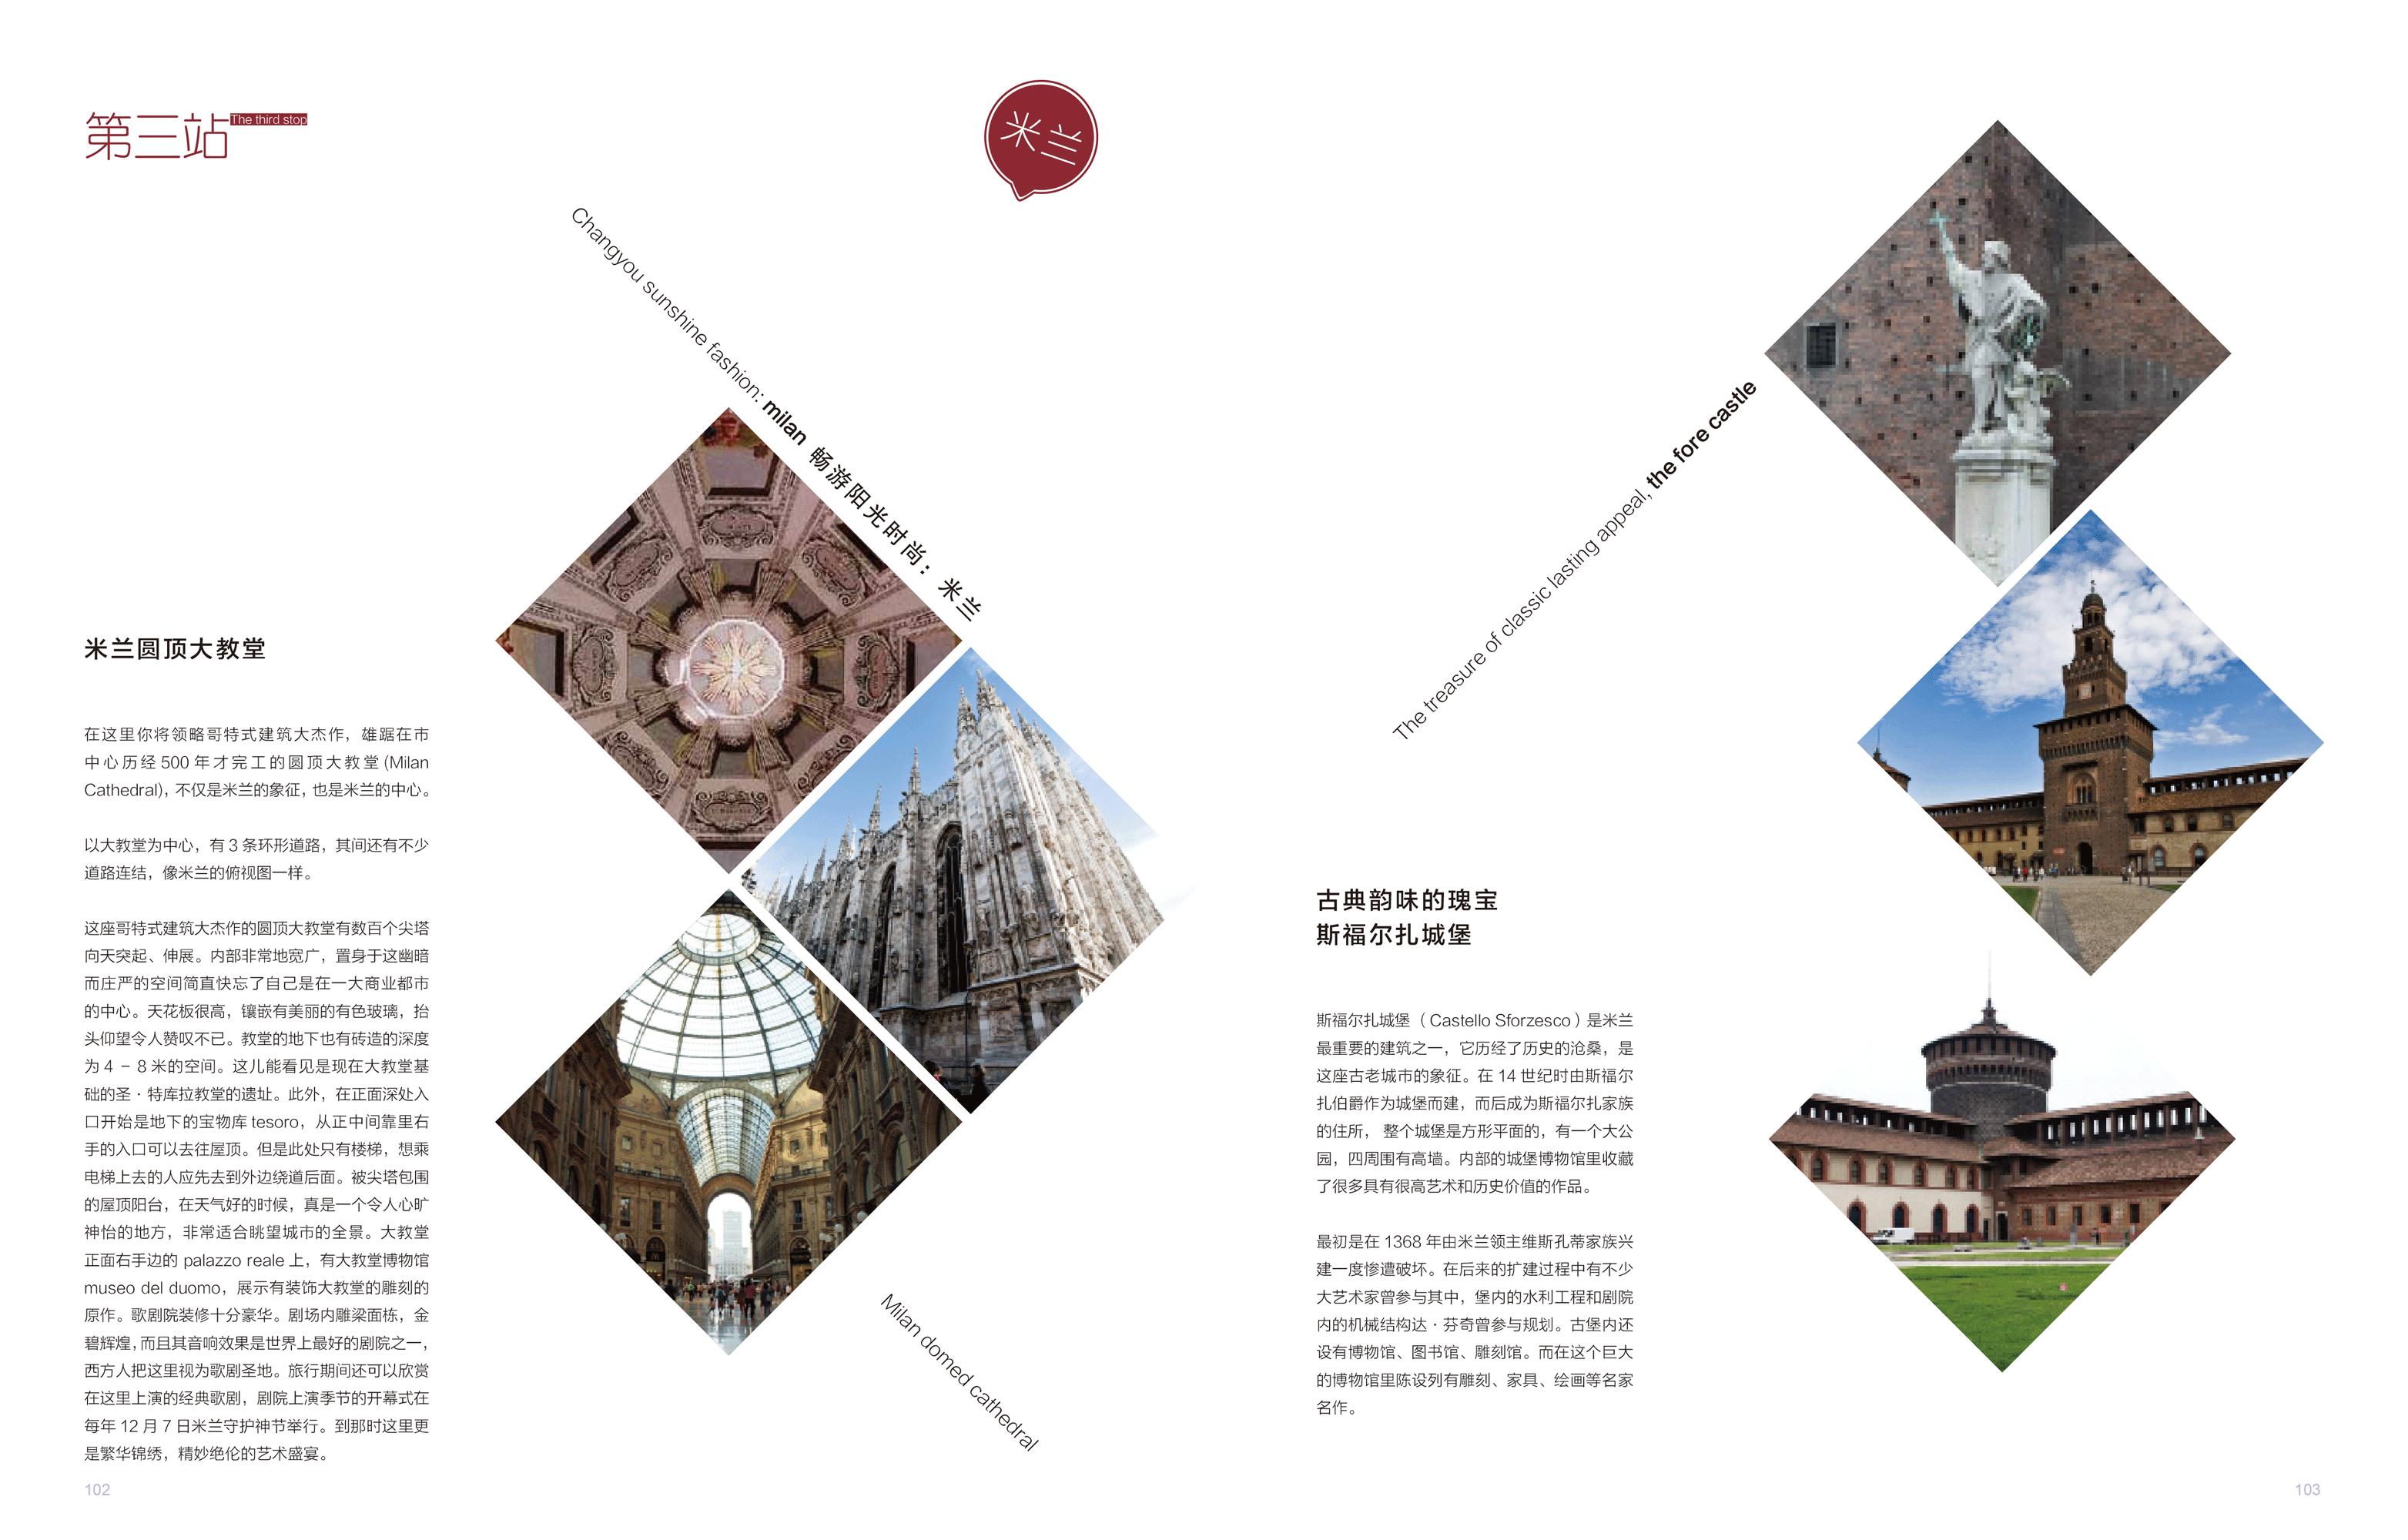 国外精品画册杂志封面内页版式排版设计id素材 indesign模板 6套图片